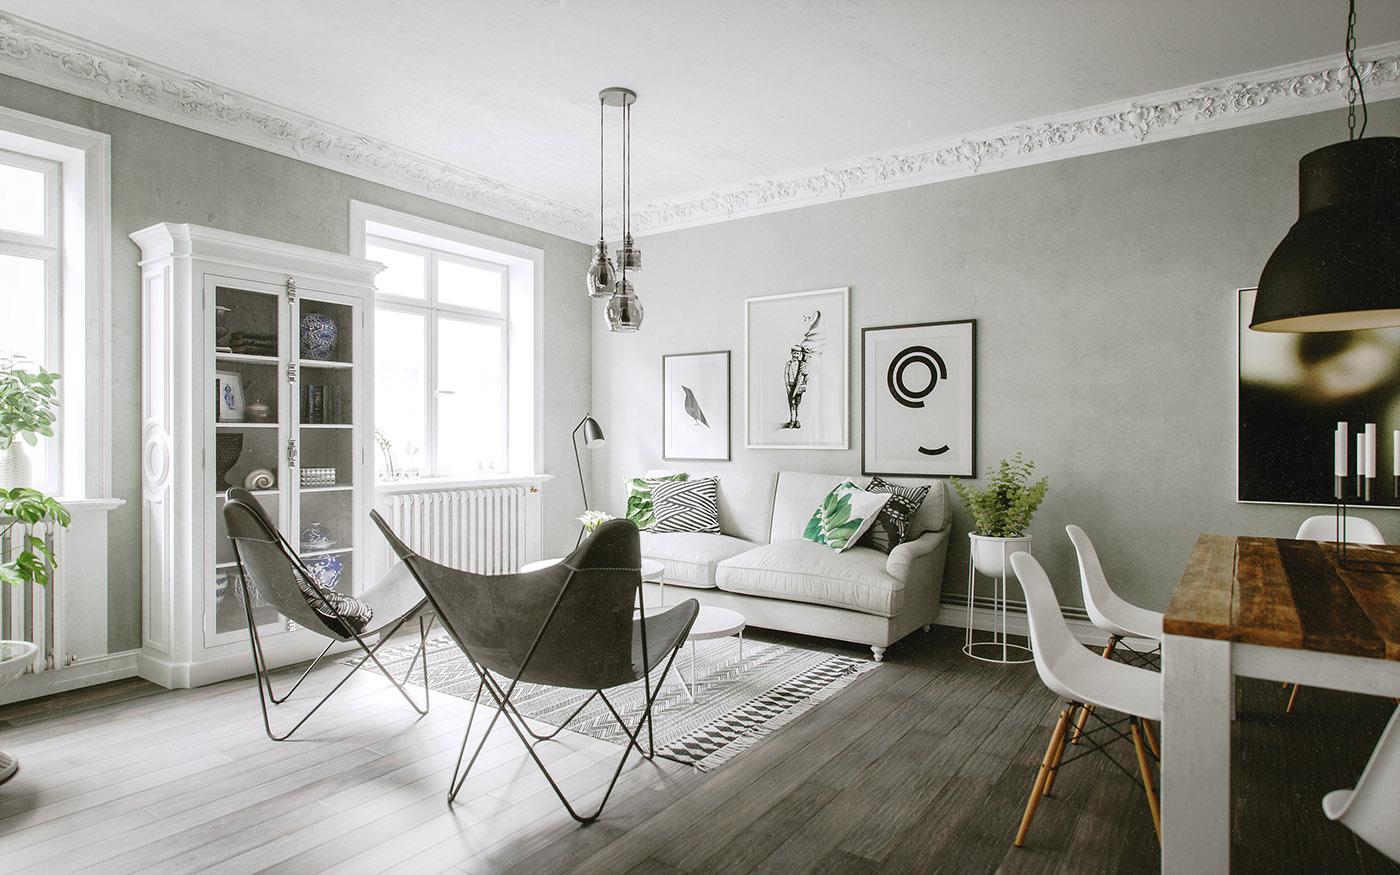 Deco en verde y gris virlova style - Pintura gris pared ...